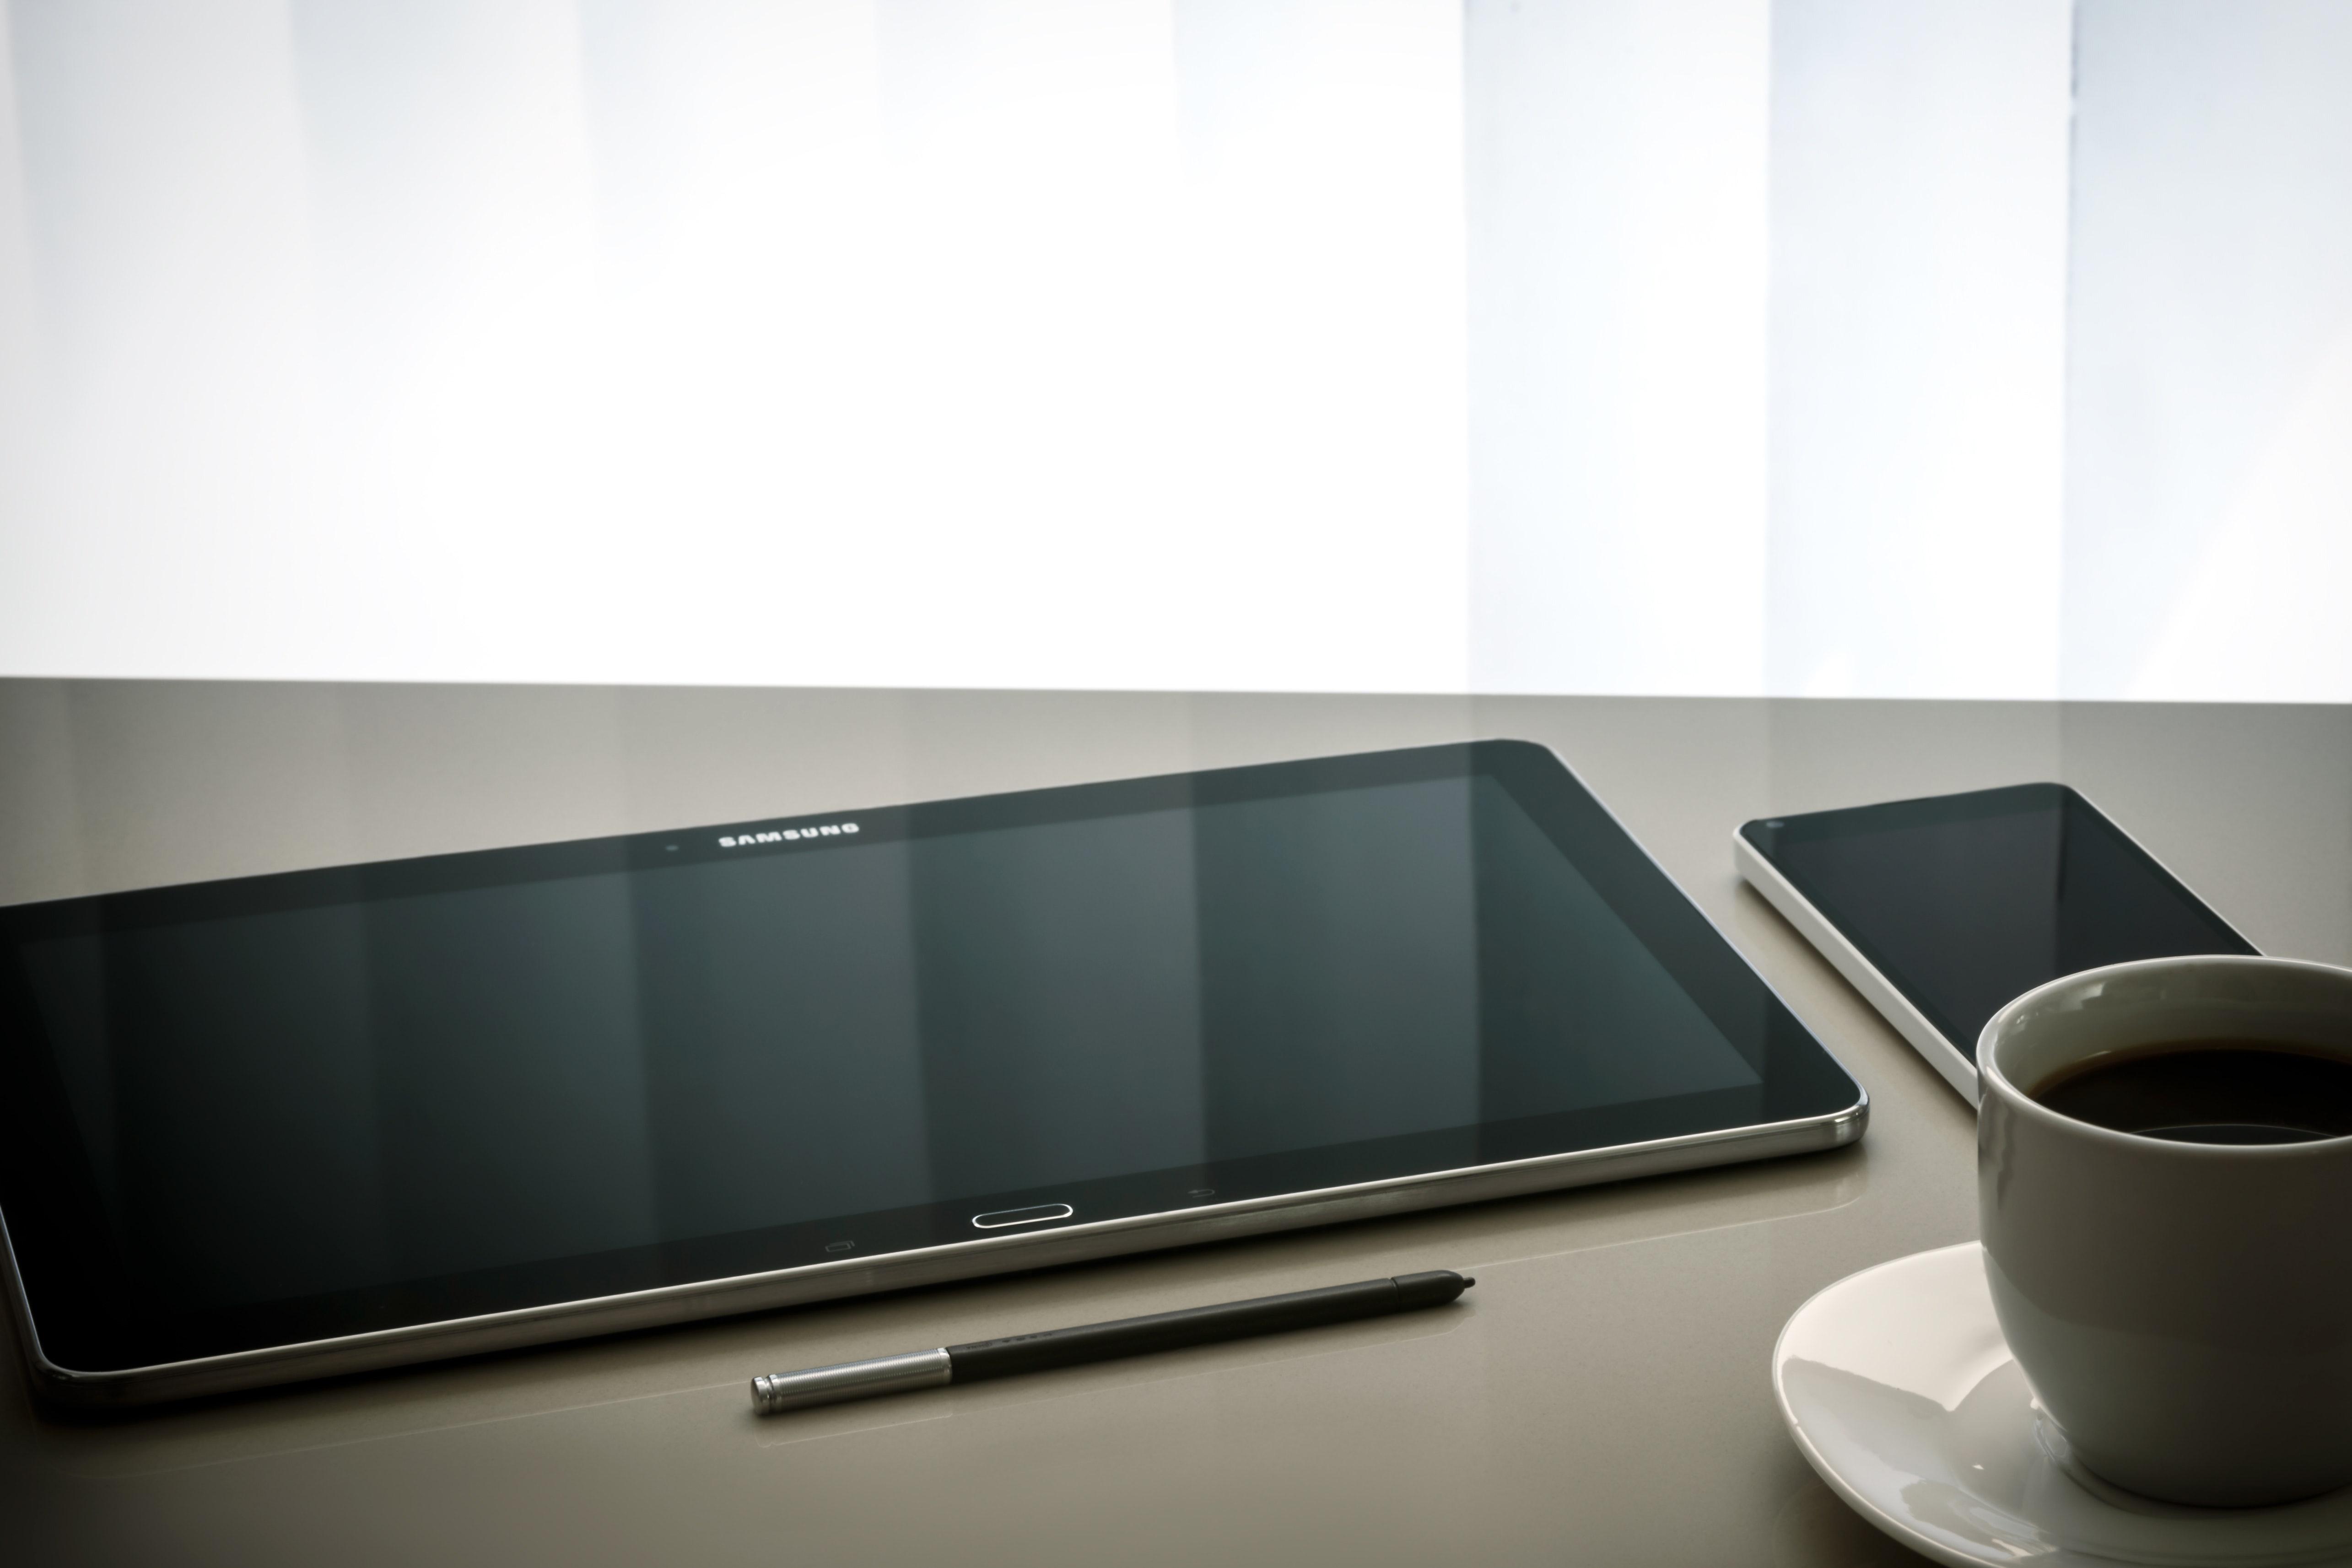 tauleta i mobil a sobre de taula